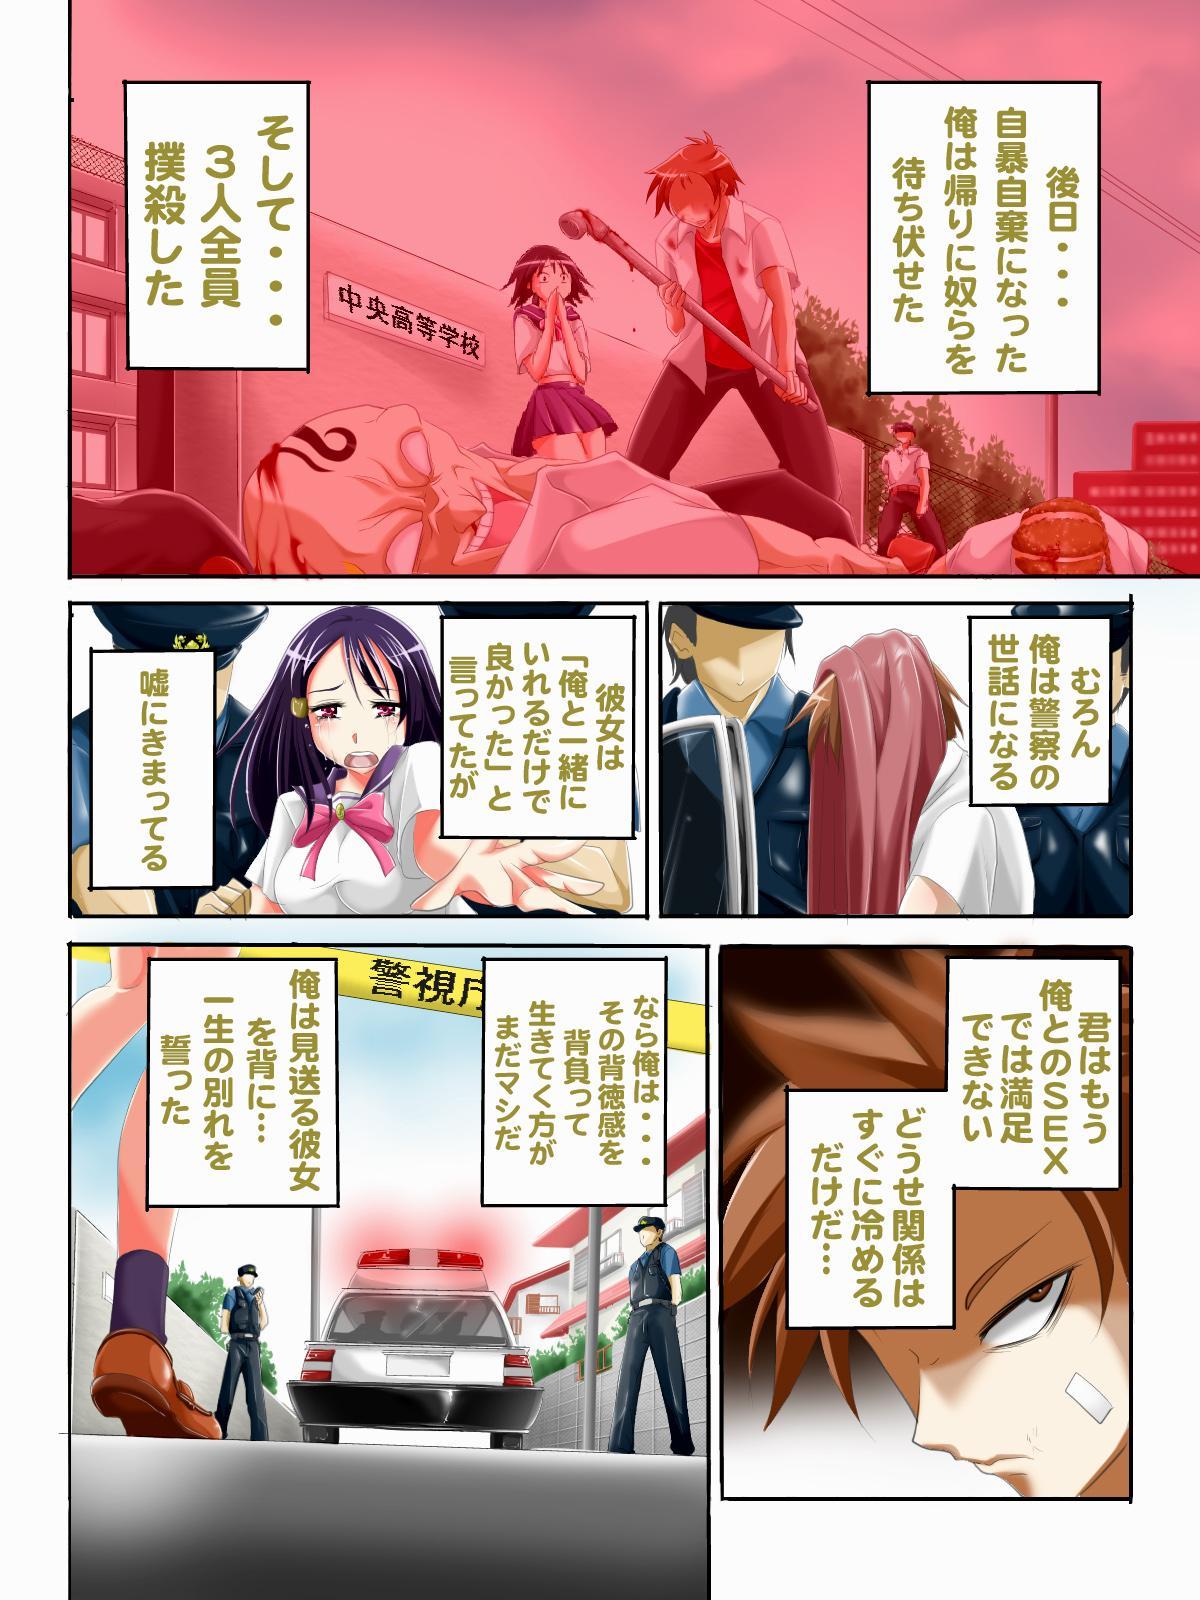 Yatto no Omoi de Tsukiatta Kanojo ga, Ore no Miteiru Mae de, Furyou Domo 3 Nin ni Zenbu no Ana wo Ryoujoku Sarechau Netorare! 22